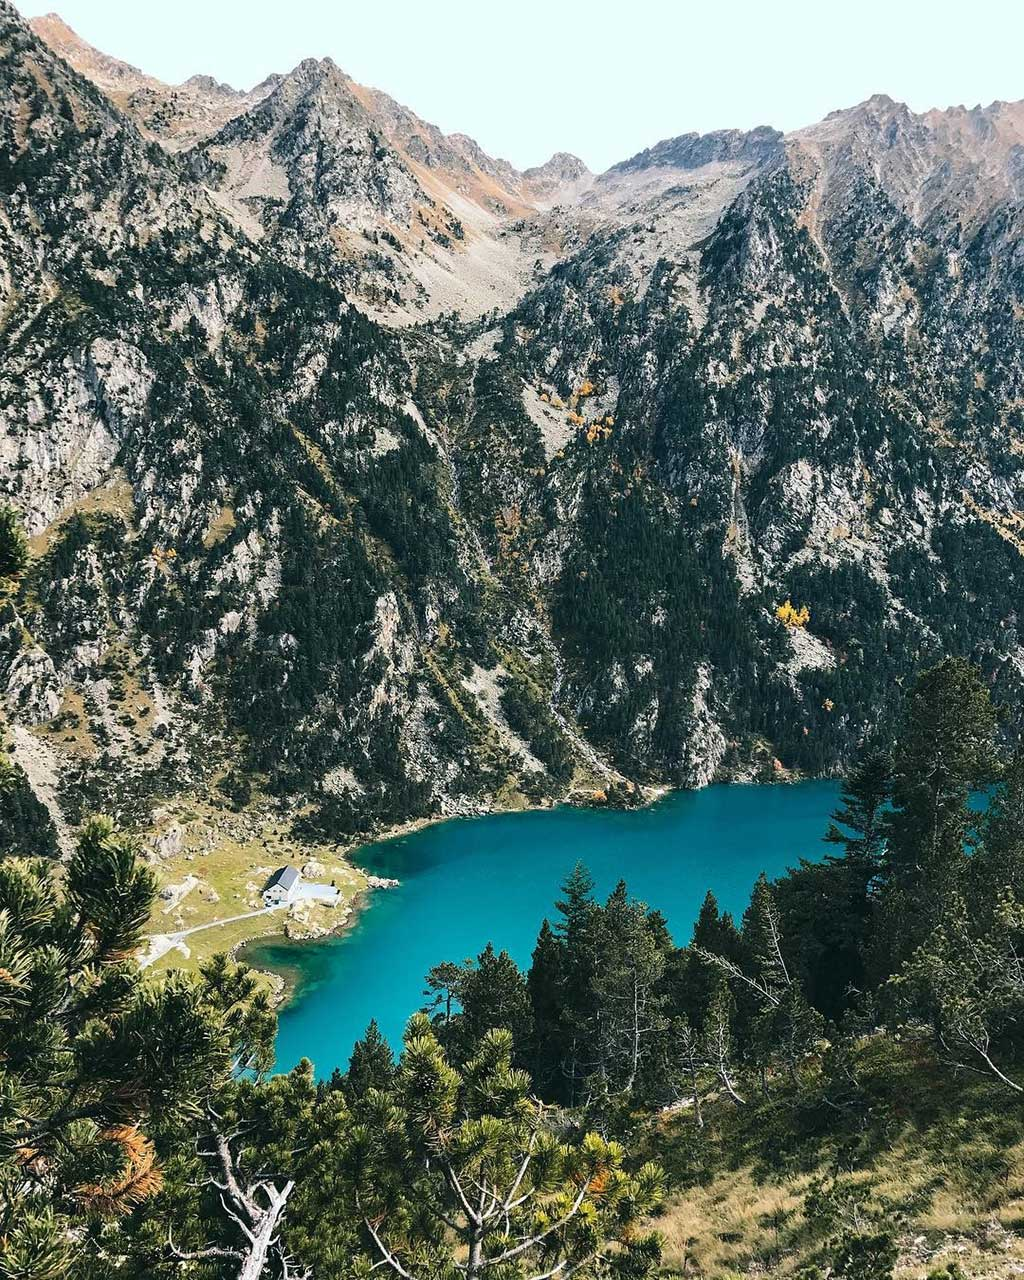 Fotografía montaña Pirineos by @edgarcolomer